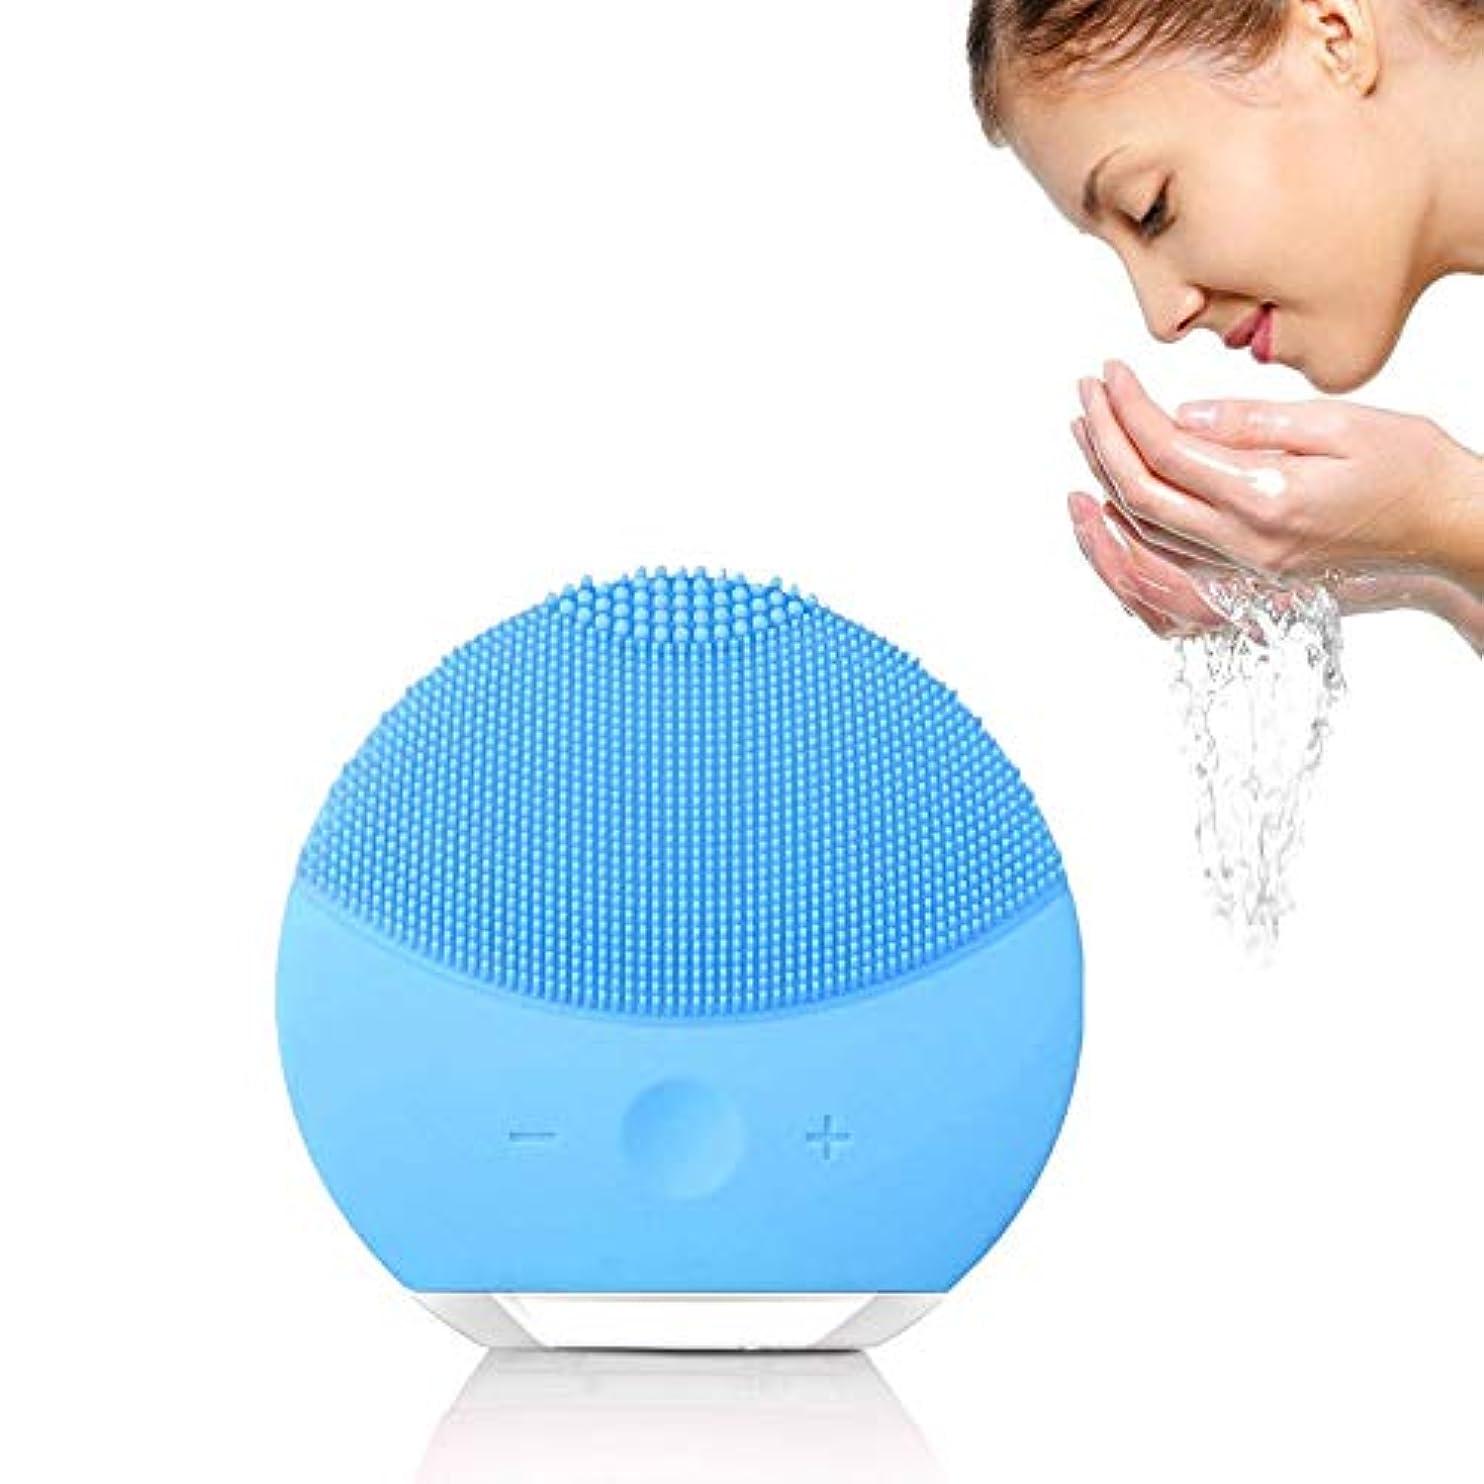 同意想起百万すべての肌タイプ用のアンチエイジングスキンケアデバイス防水シリコンフェイシャルブラシエレクトリックフェイスVībratingマッサージ器